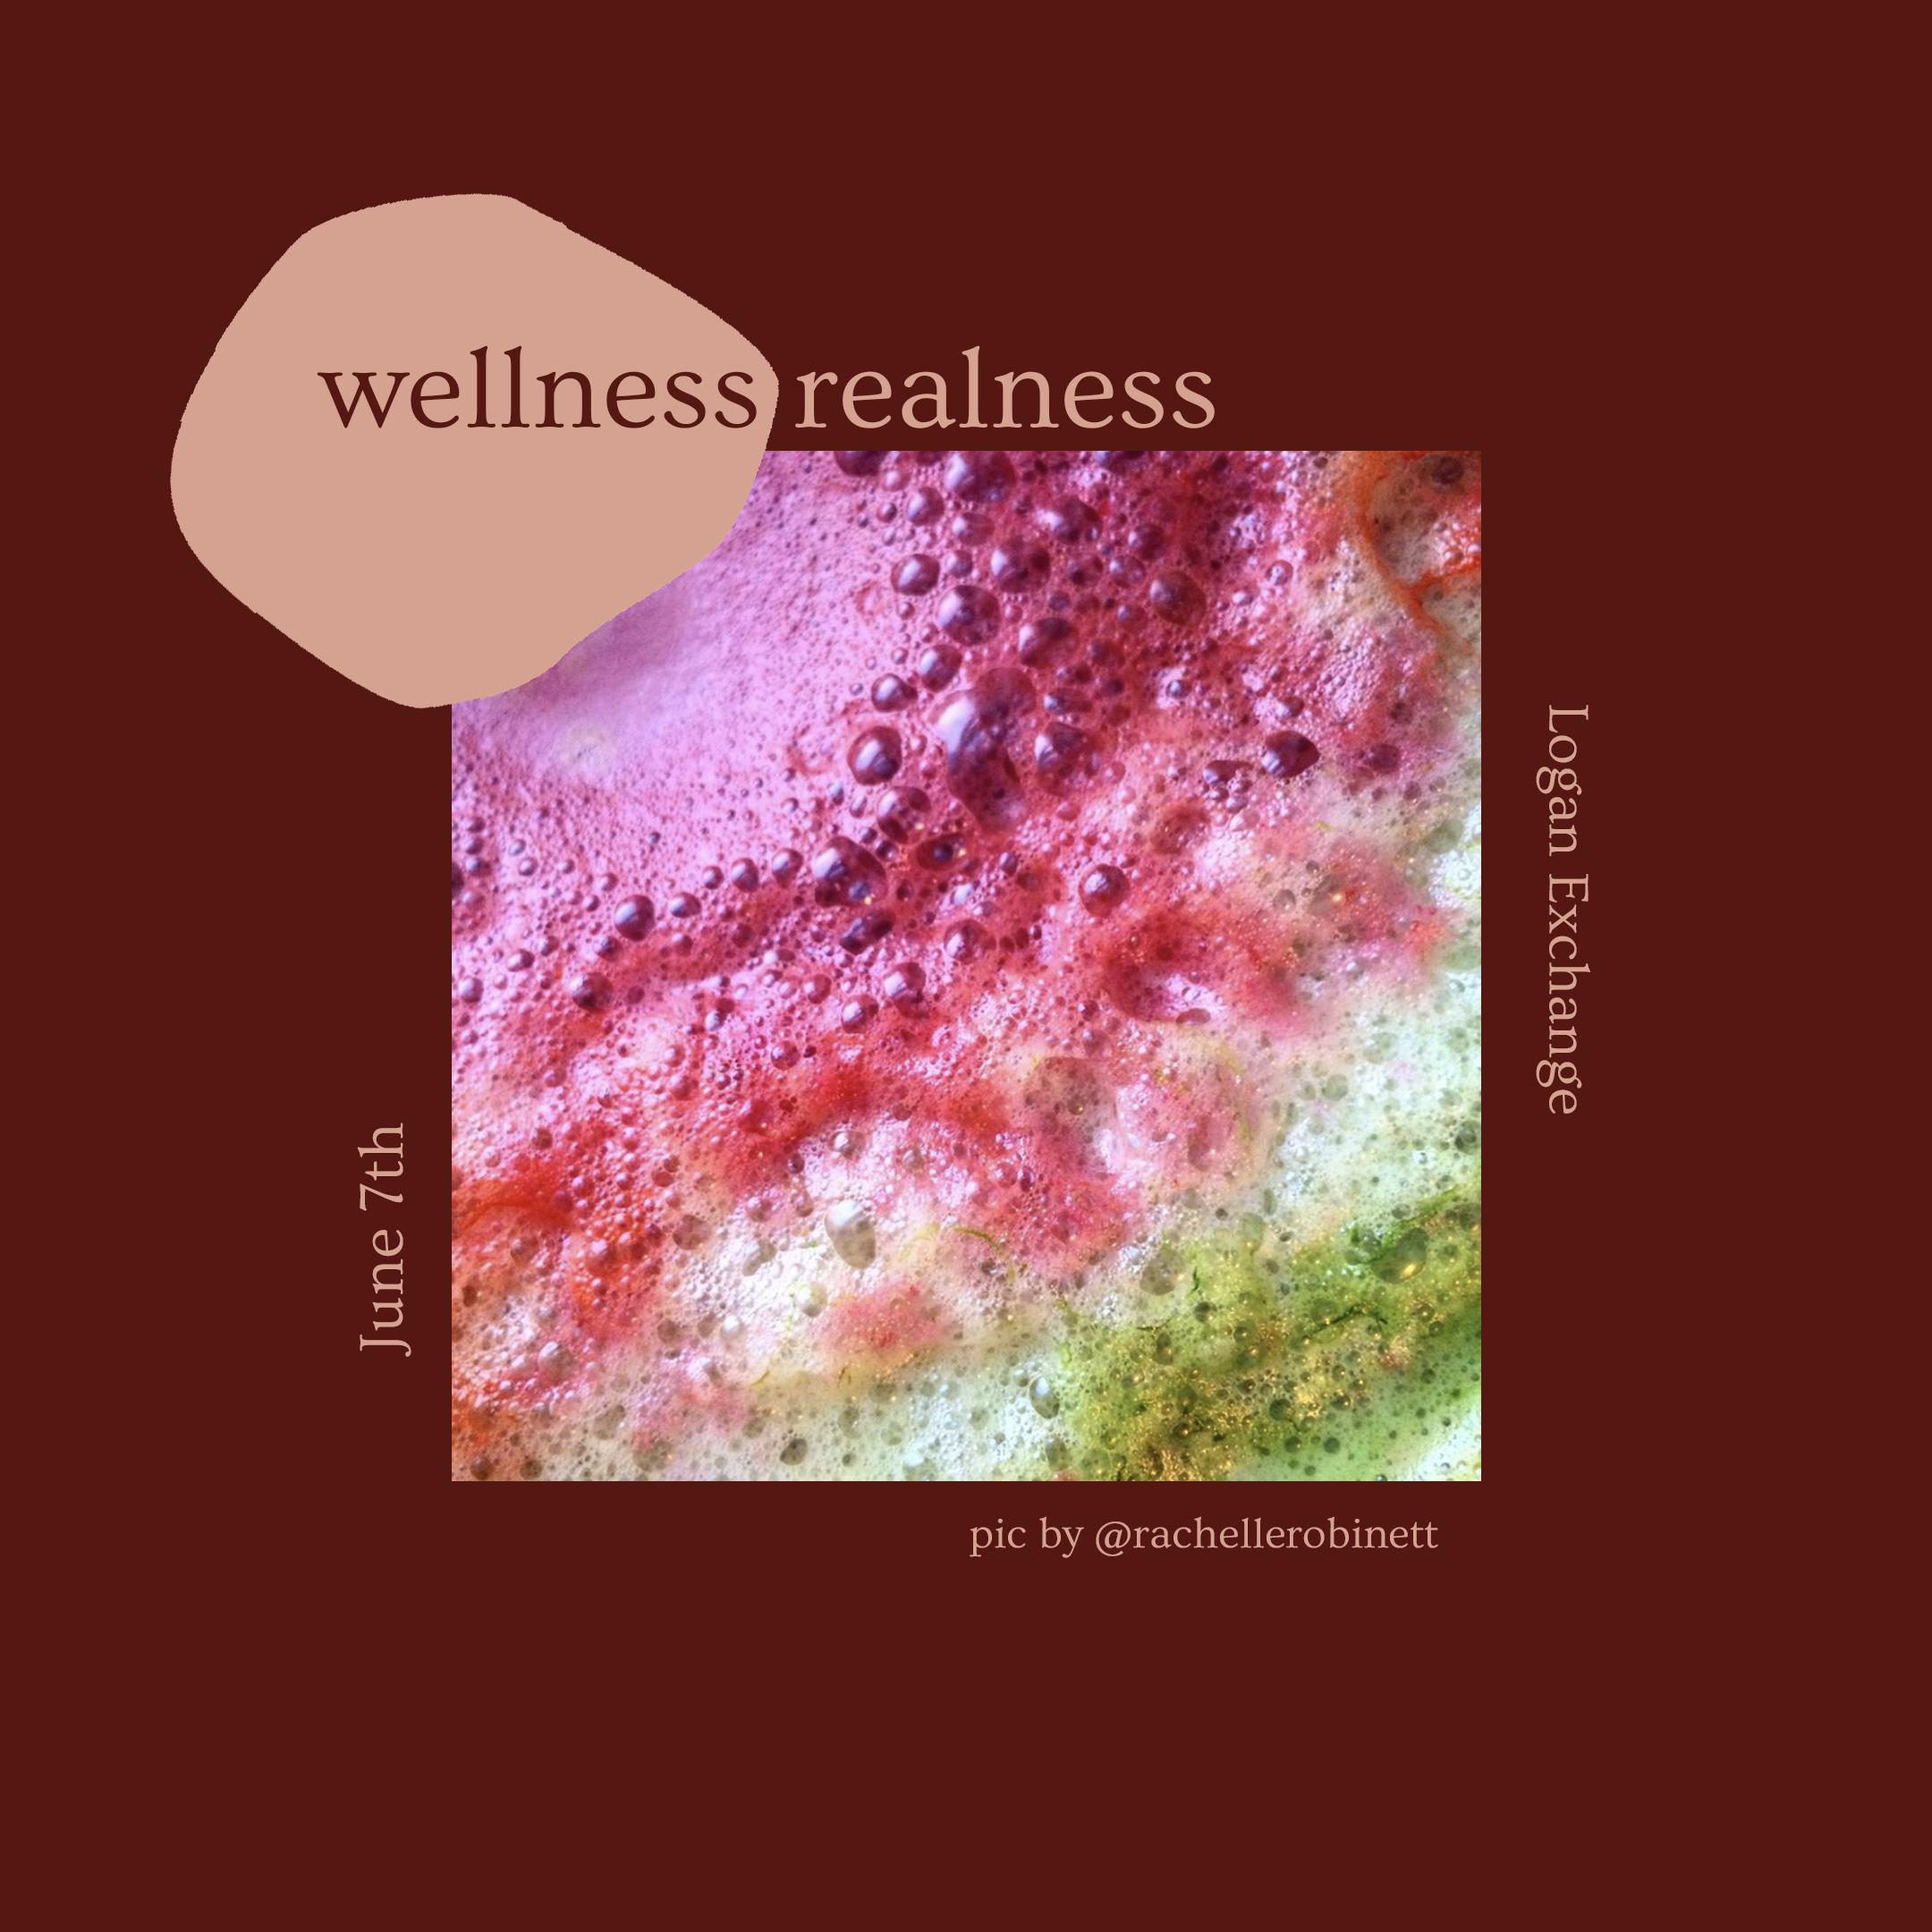 wellnessrealnessemail.jpg